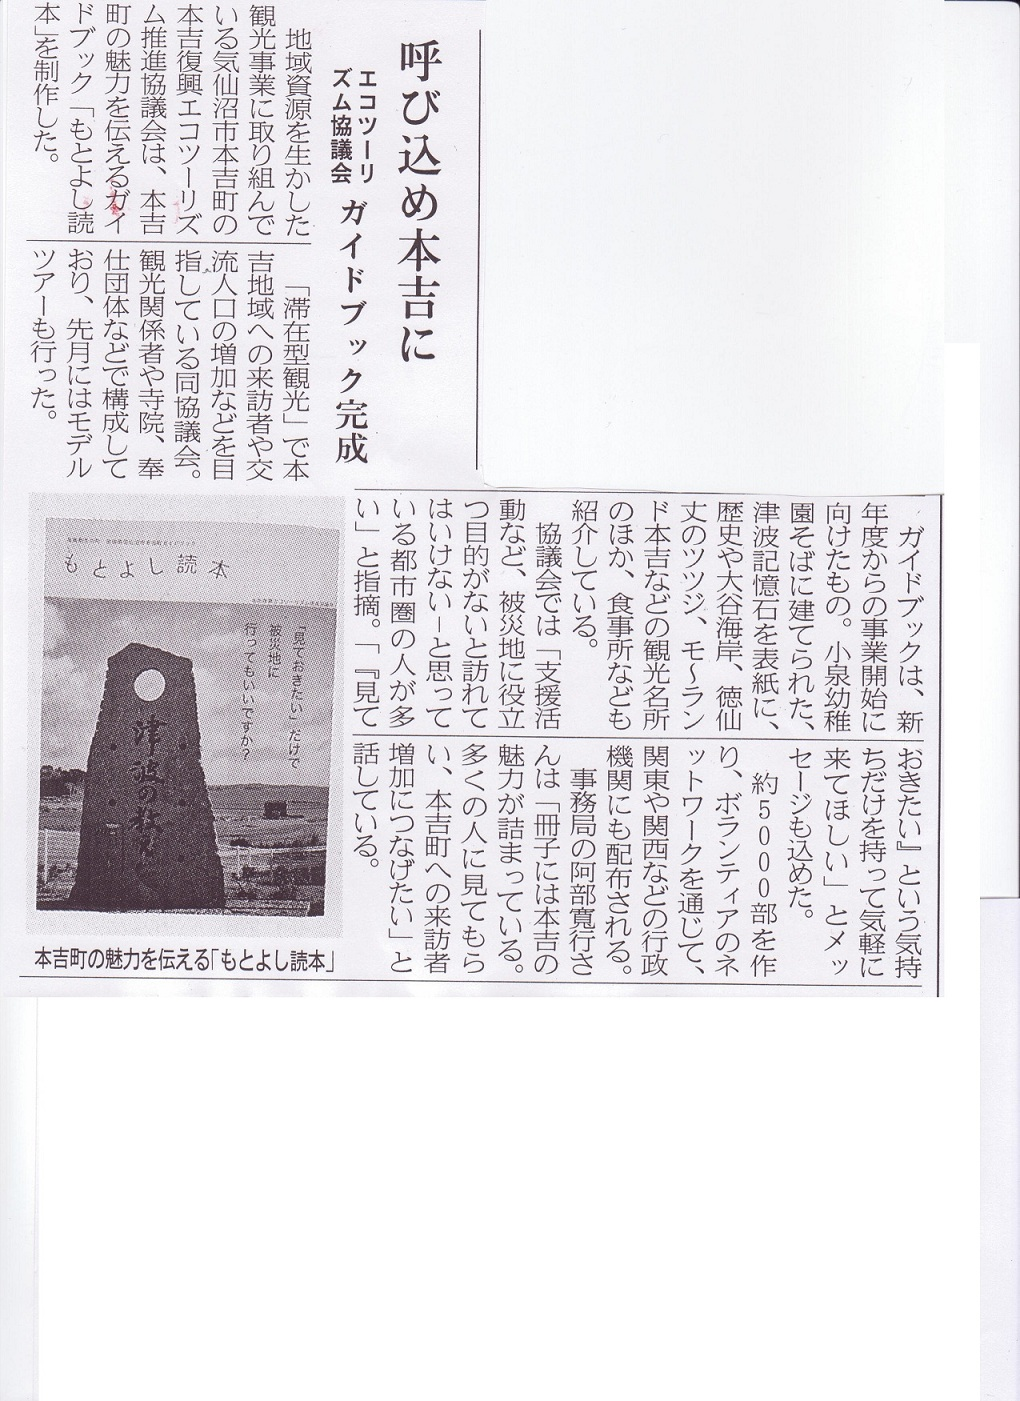 もとよし読本記事 001